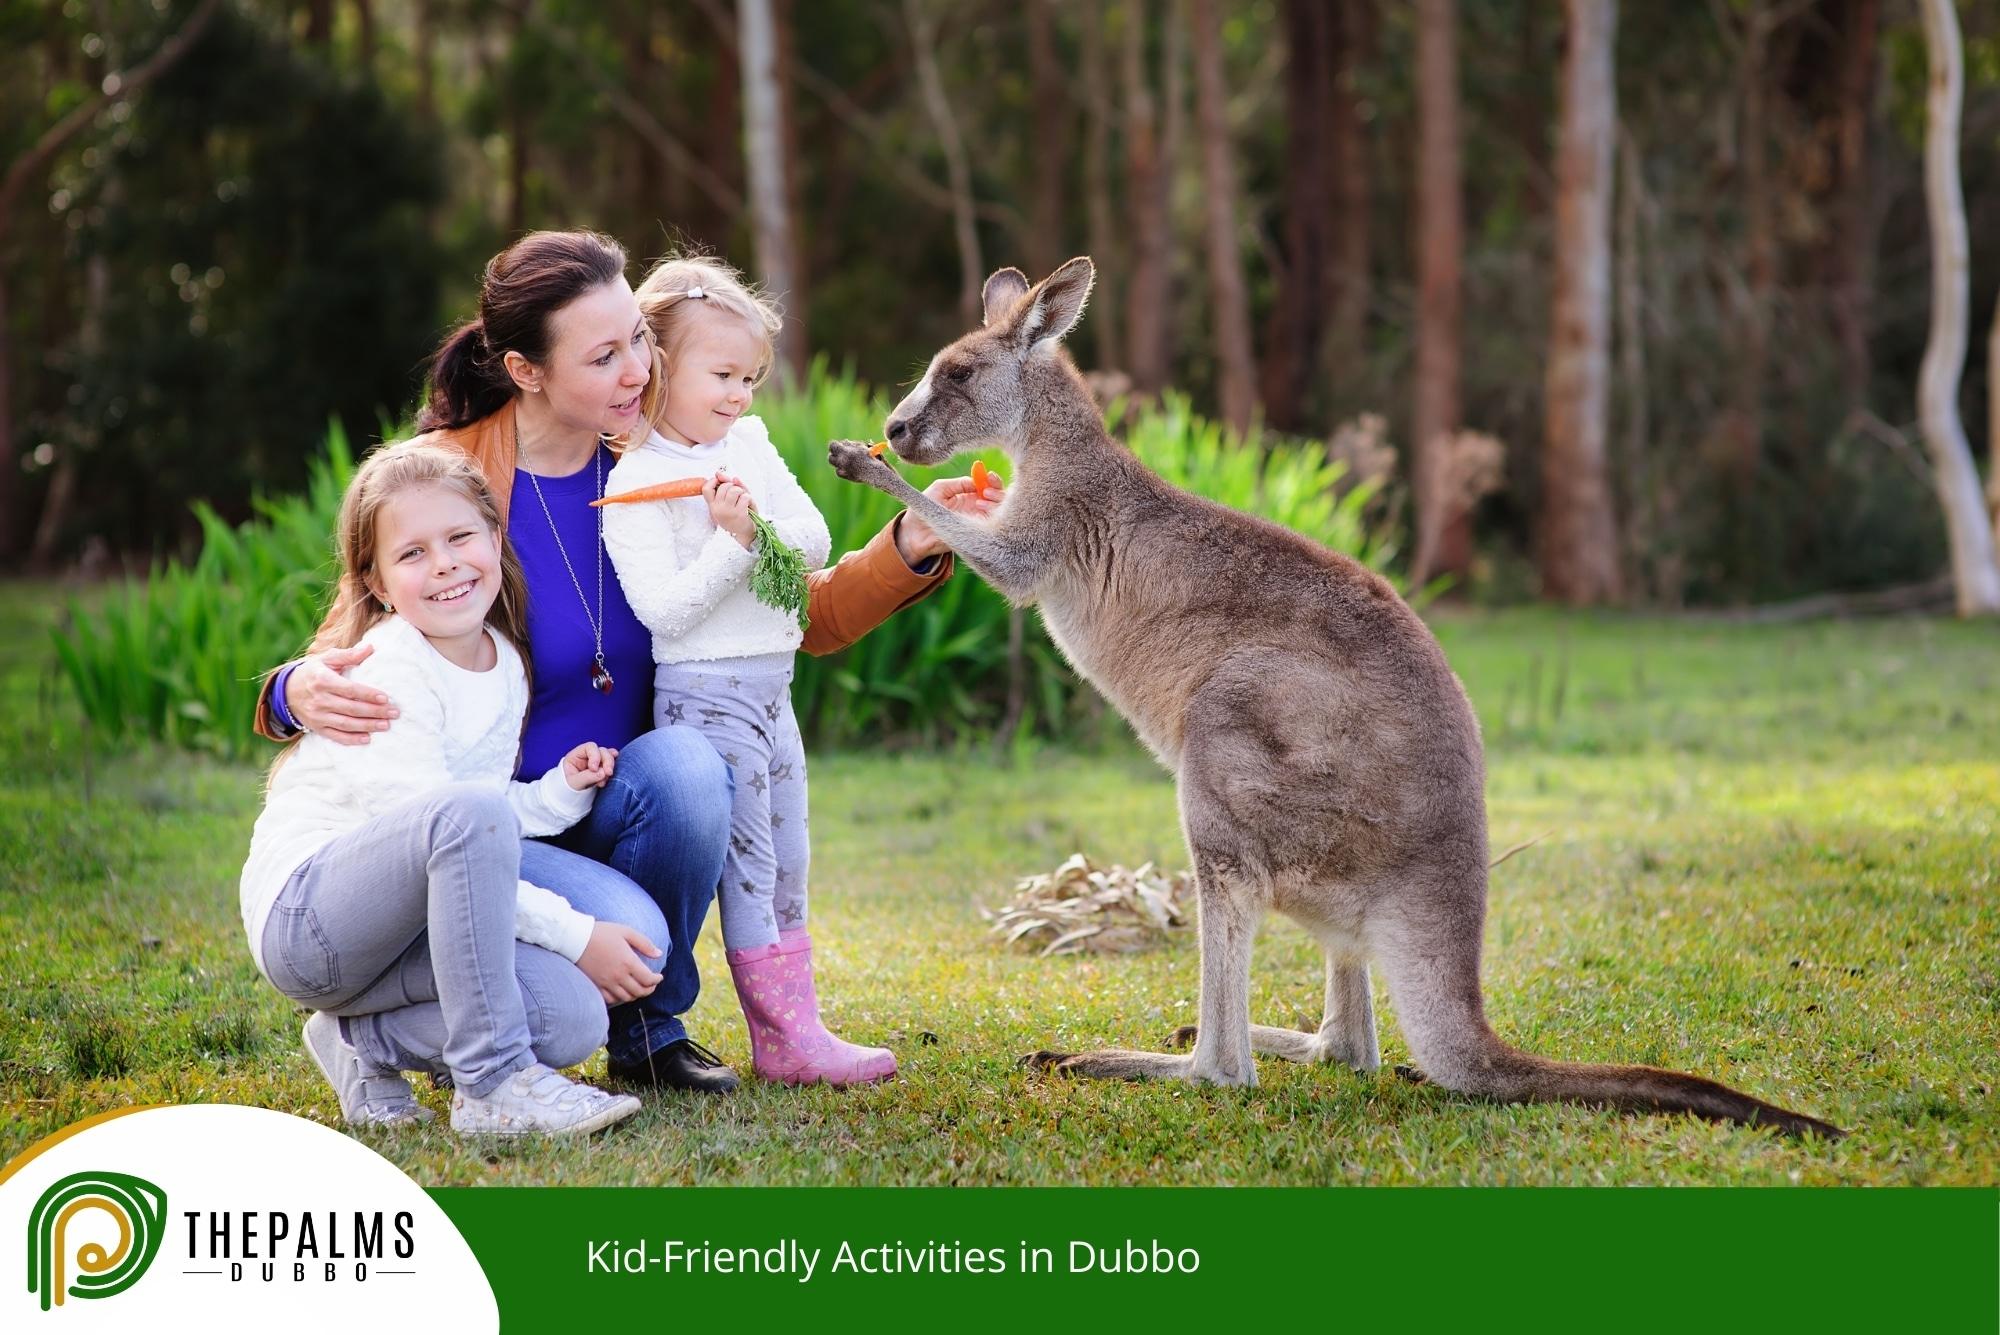 Kid-Friendly Activities in Dubbo